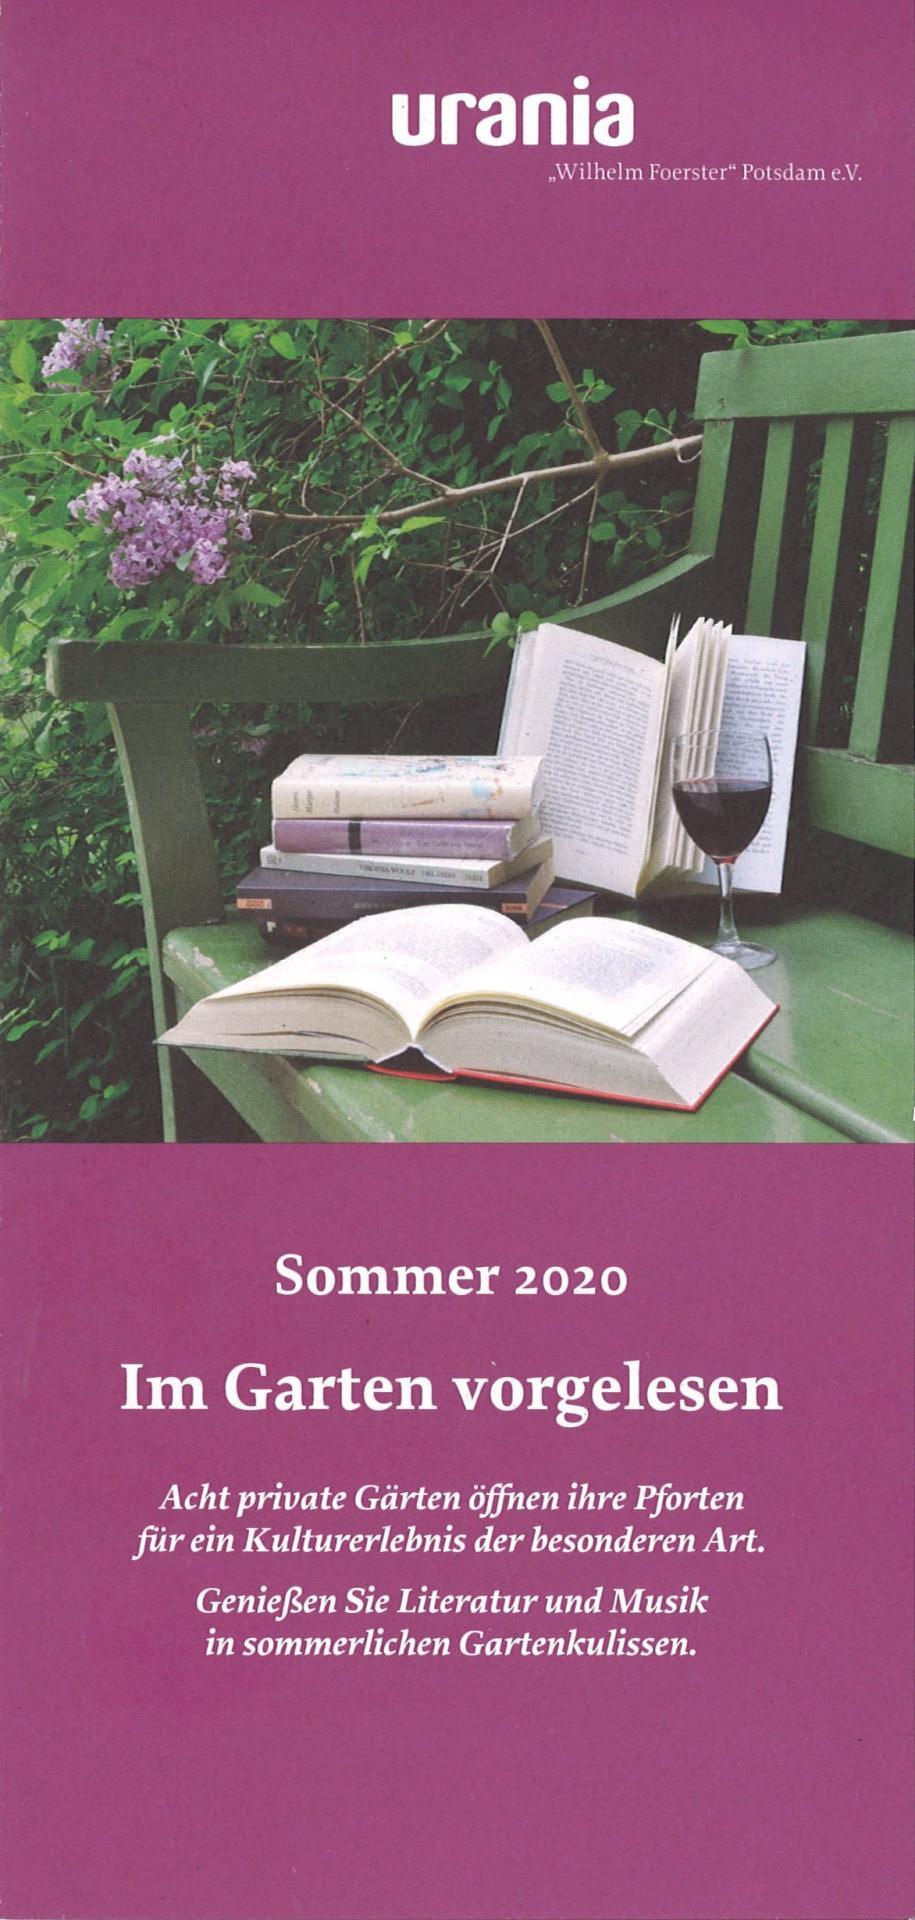 Im Garten vorgelesen 2020